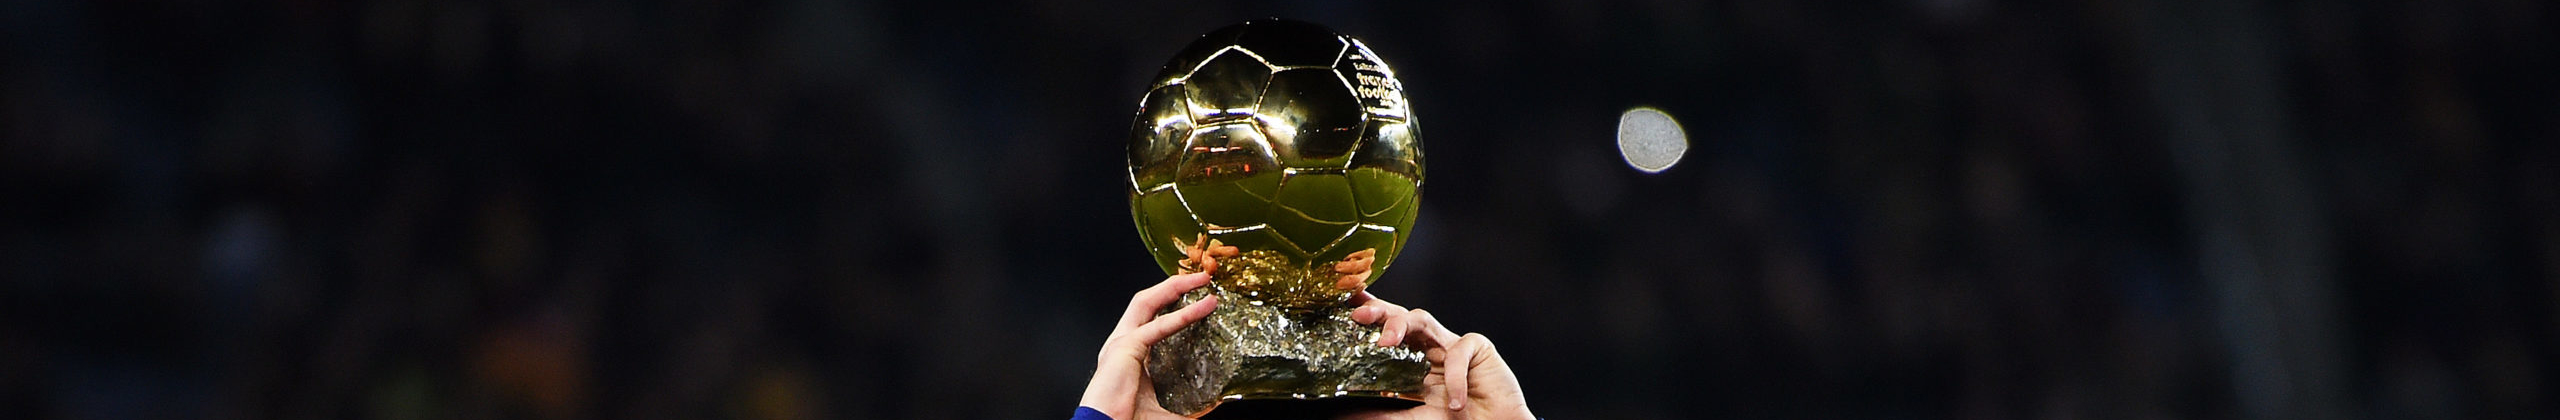 Pallone d'Oro 2020: ha senso assegnarlo quest'anno?